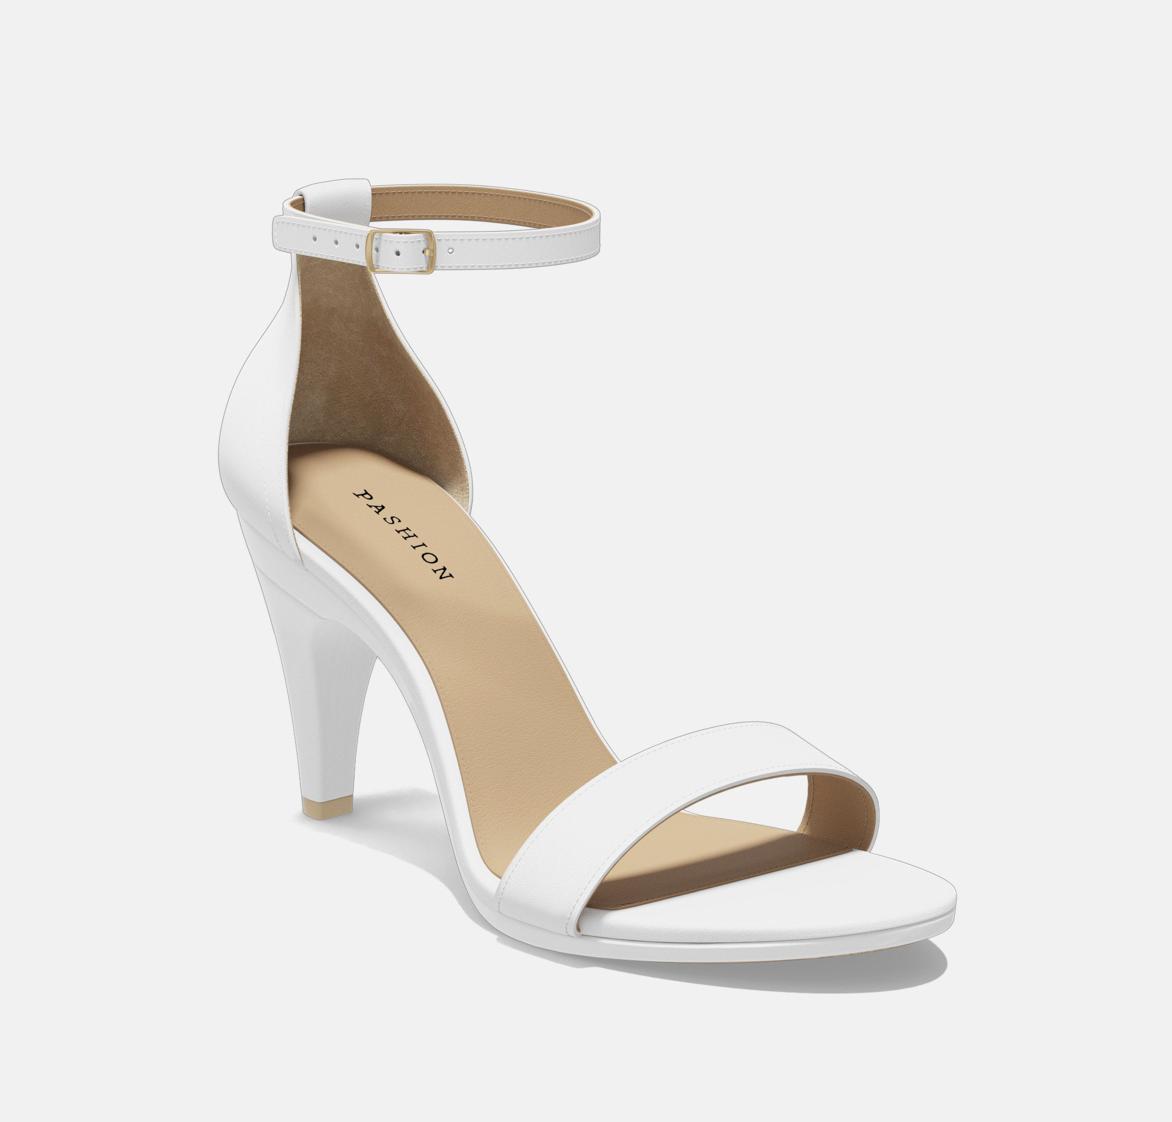 White Leather Stiletto 4 Inch